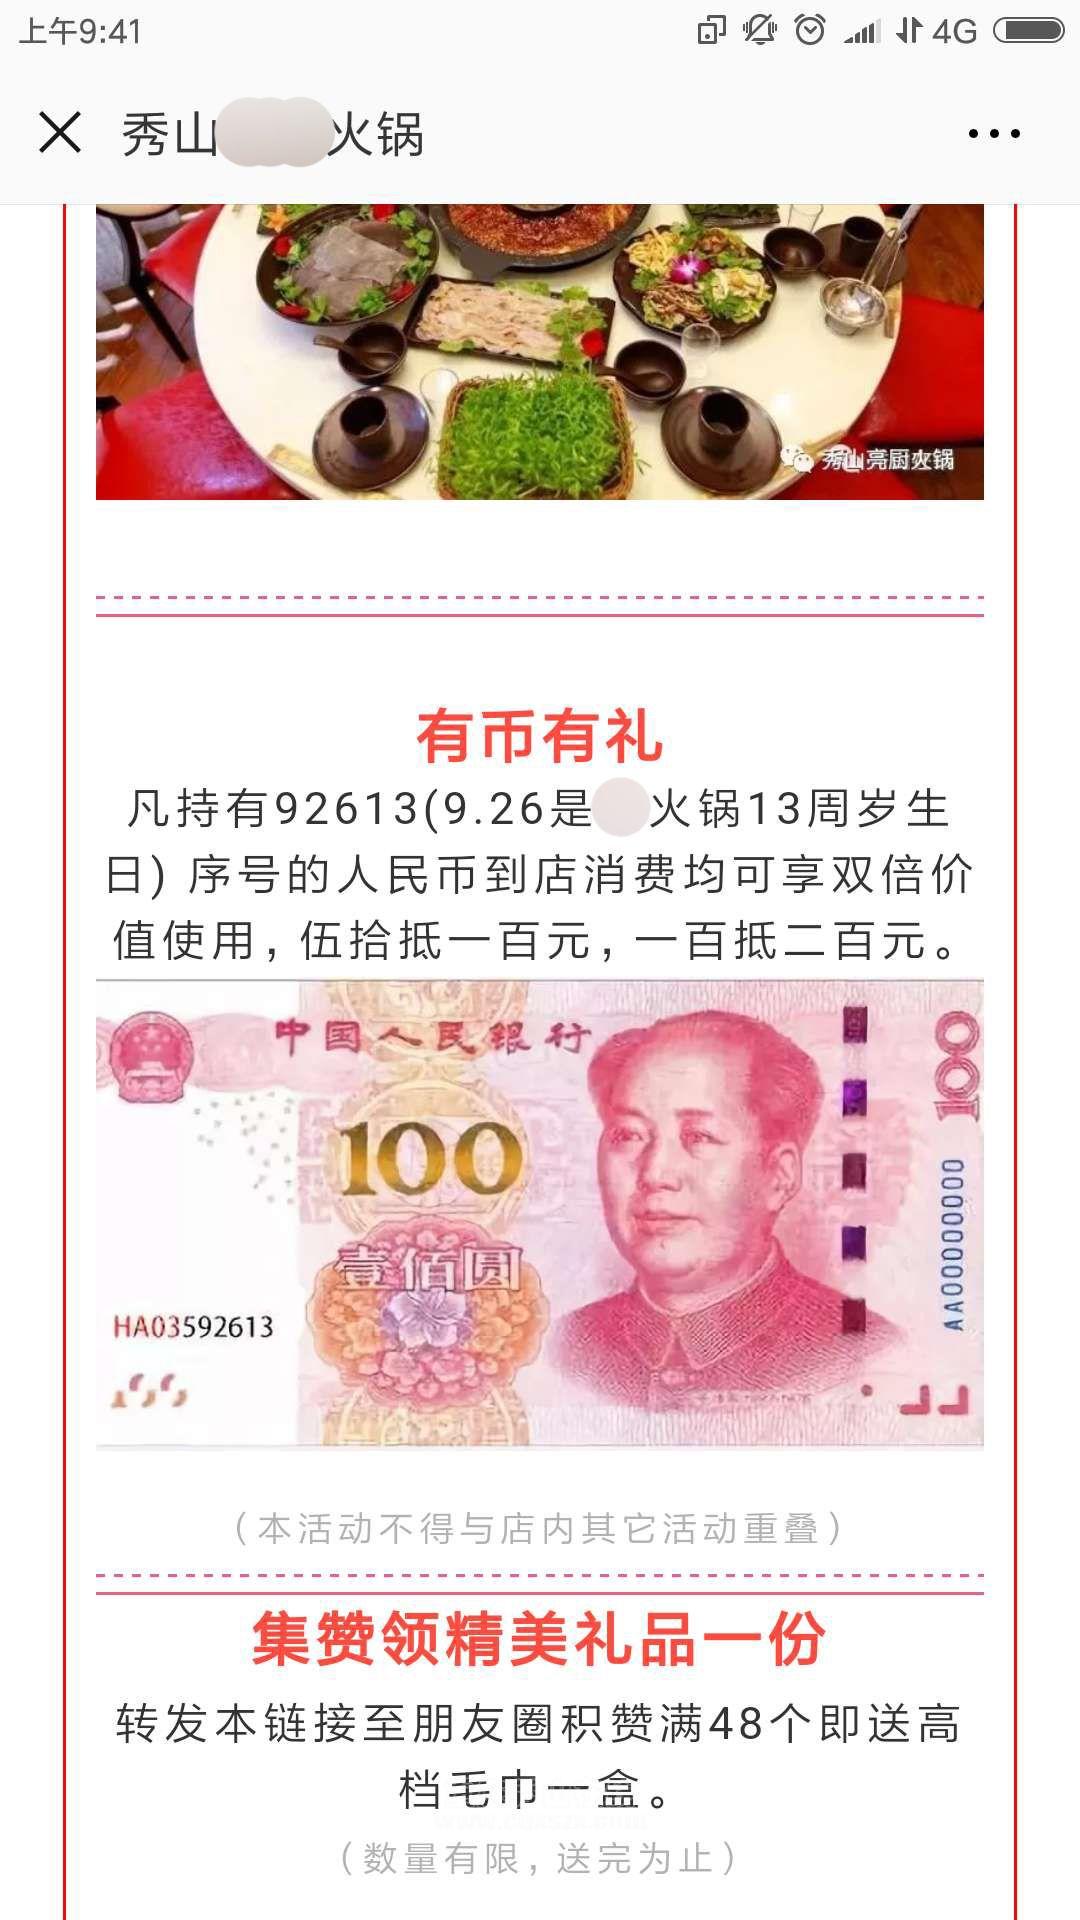 用人民币图片做广告宣传违法不?